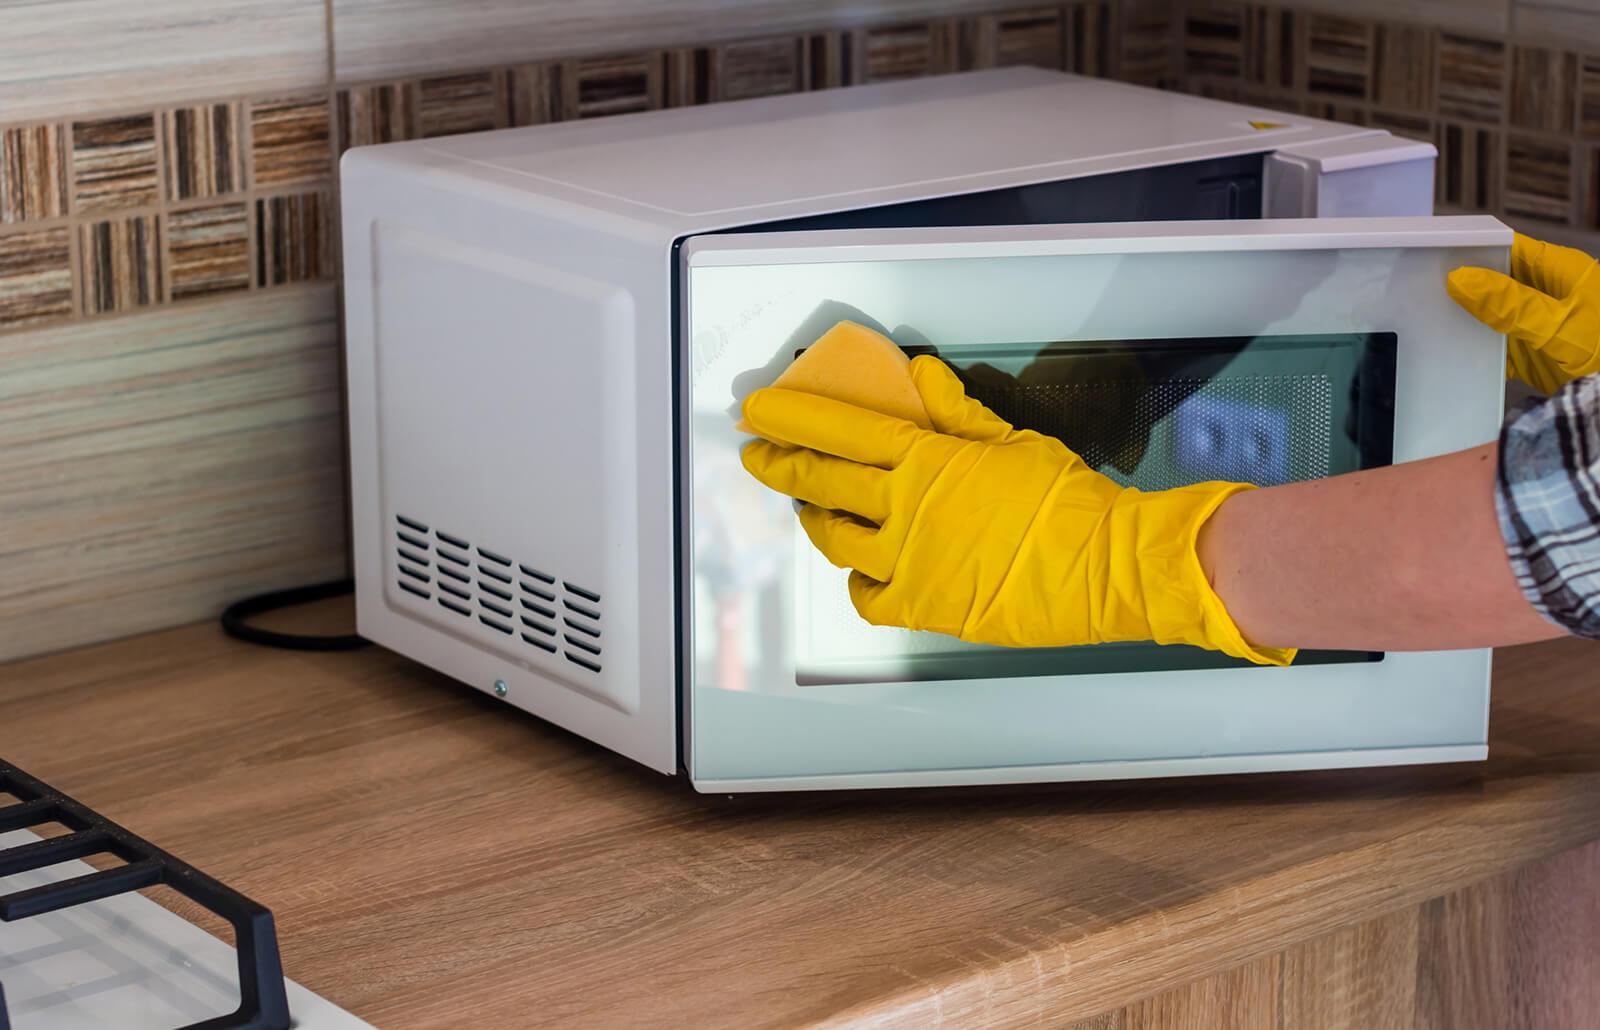 Descubre tres consejos infalibles para la adecuada limpieza de microondas